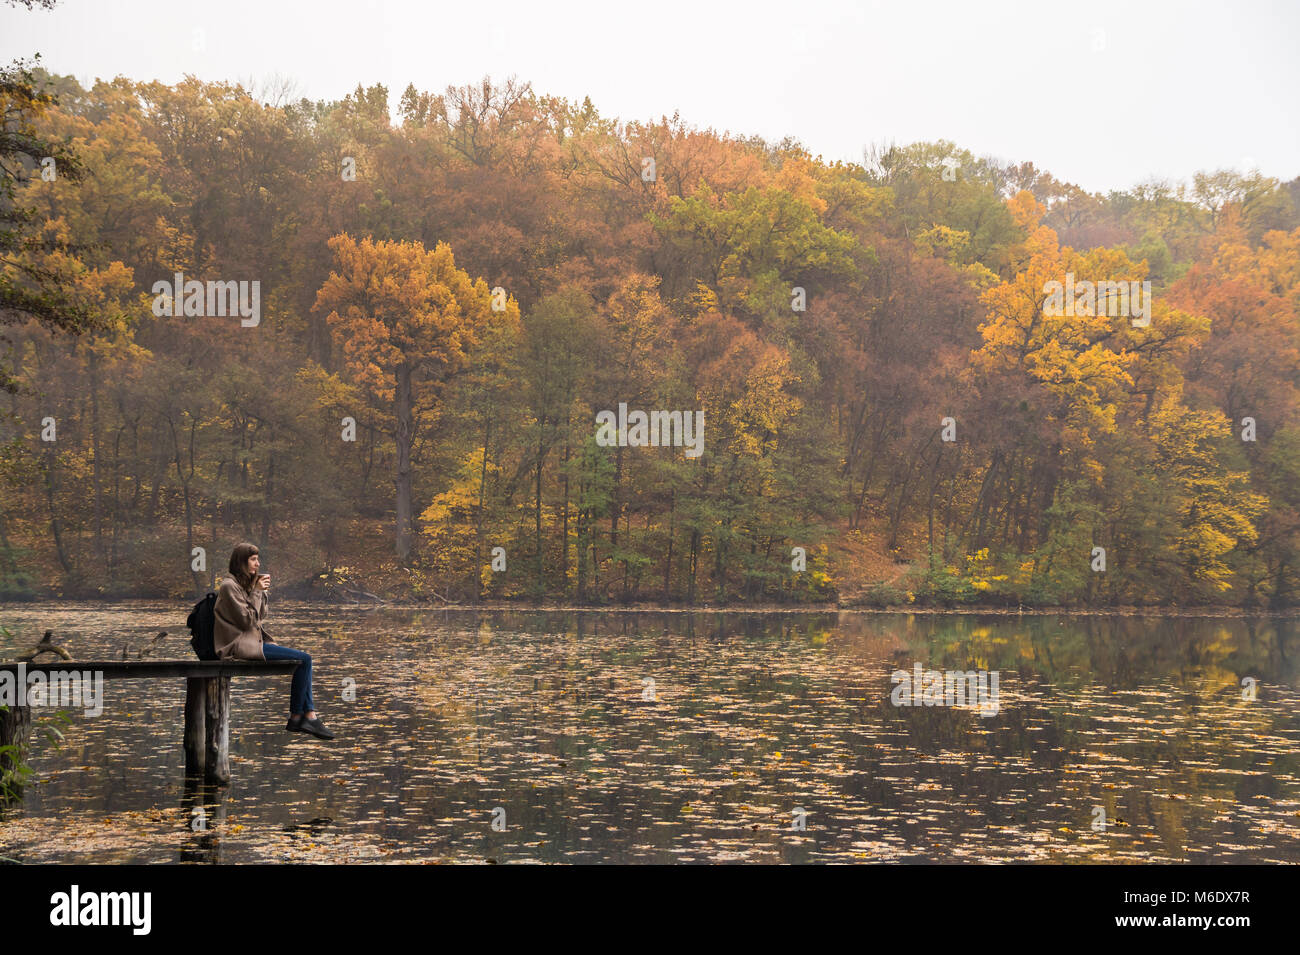 Mädchen genießt Ruhe und trinkt Kaffee in der Nähe der See im Naturpark auf Gold mellow Herbst Tag Stockbild